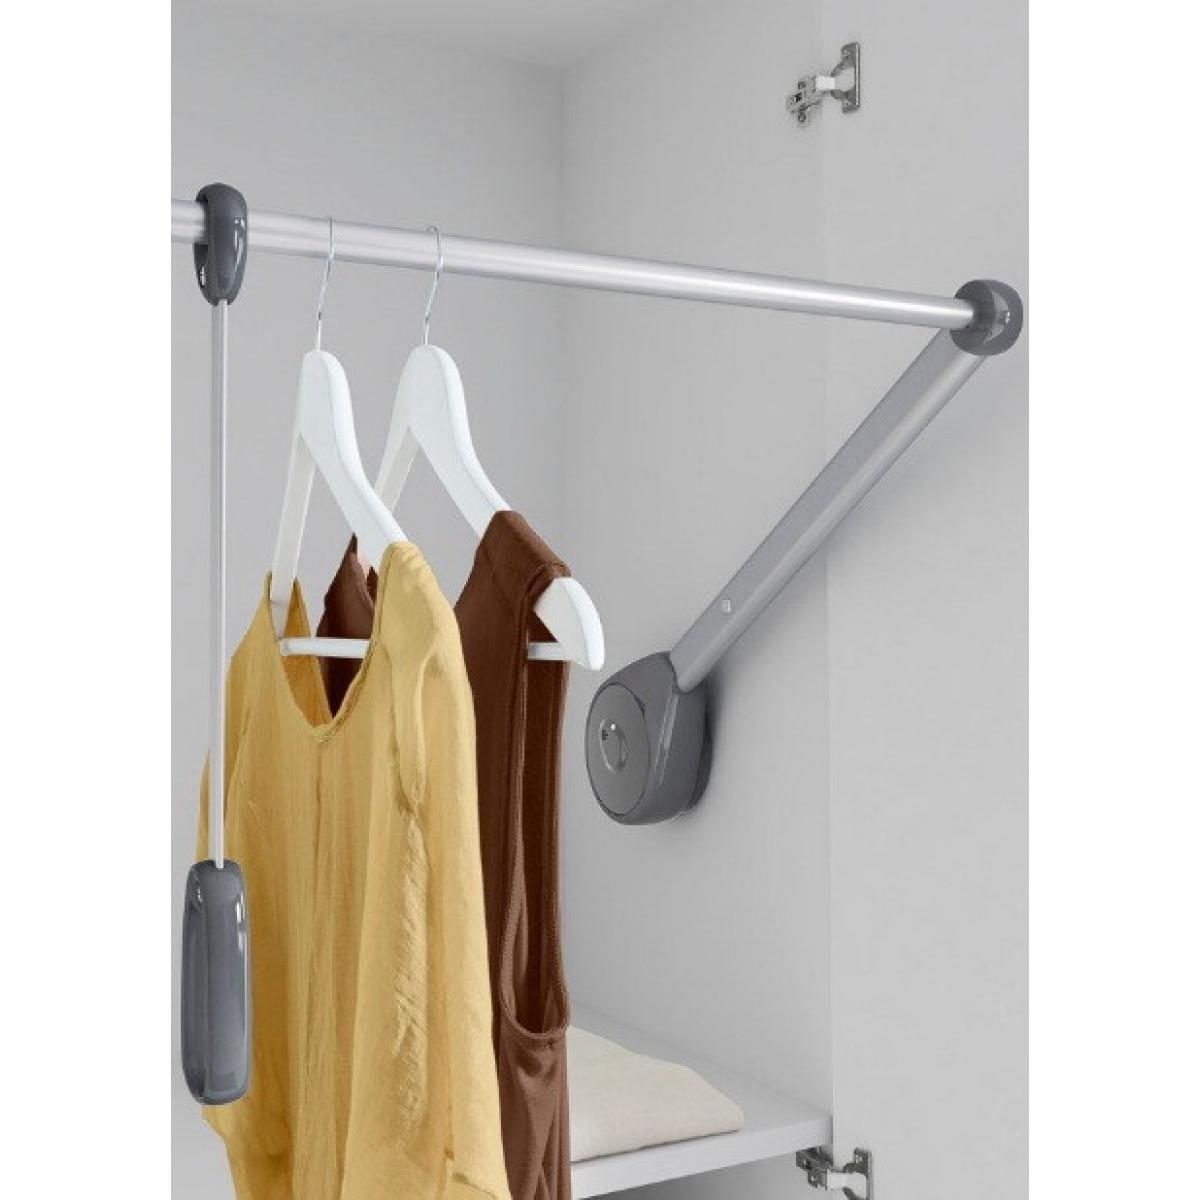 AMBROGIO Пантографм в проем 750-1250 мм, нагр.14 кг. цвет серый; Производитель: VIBO ИТАЛИЯ